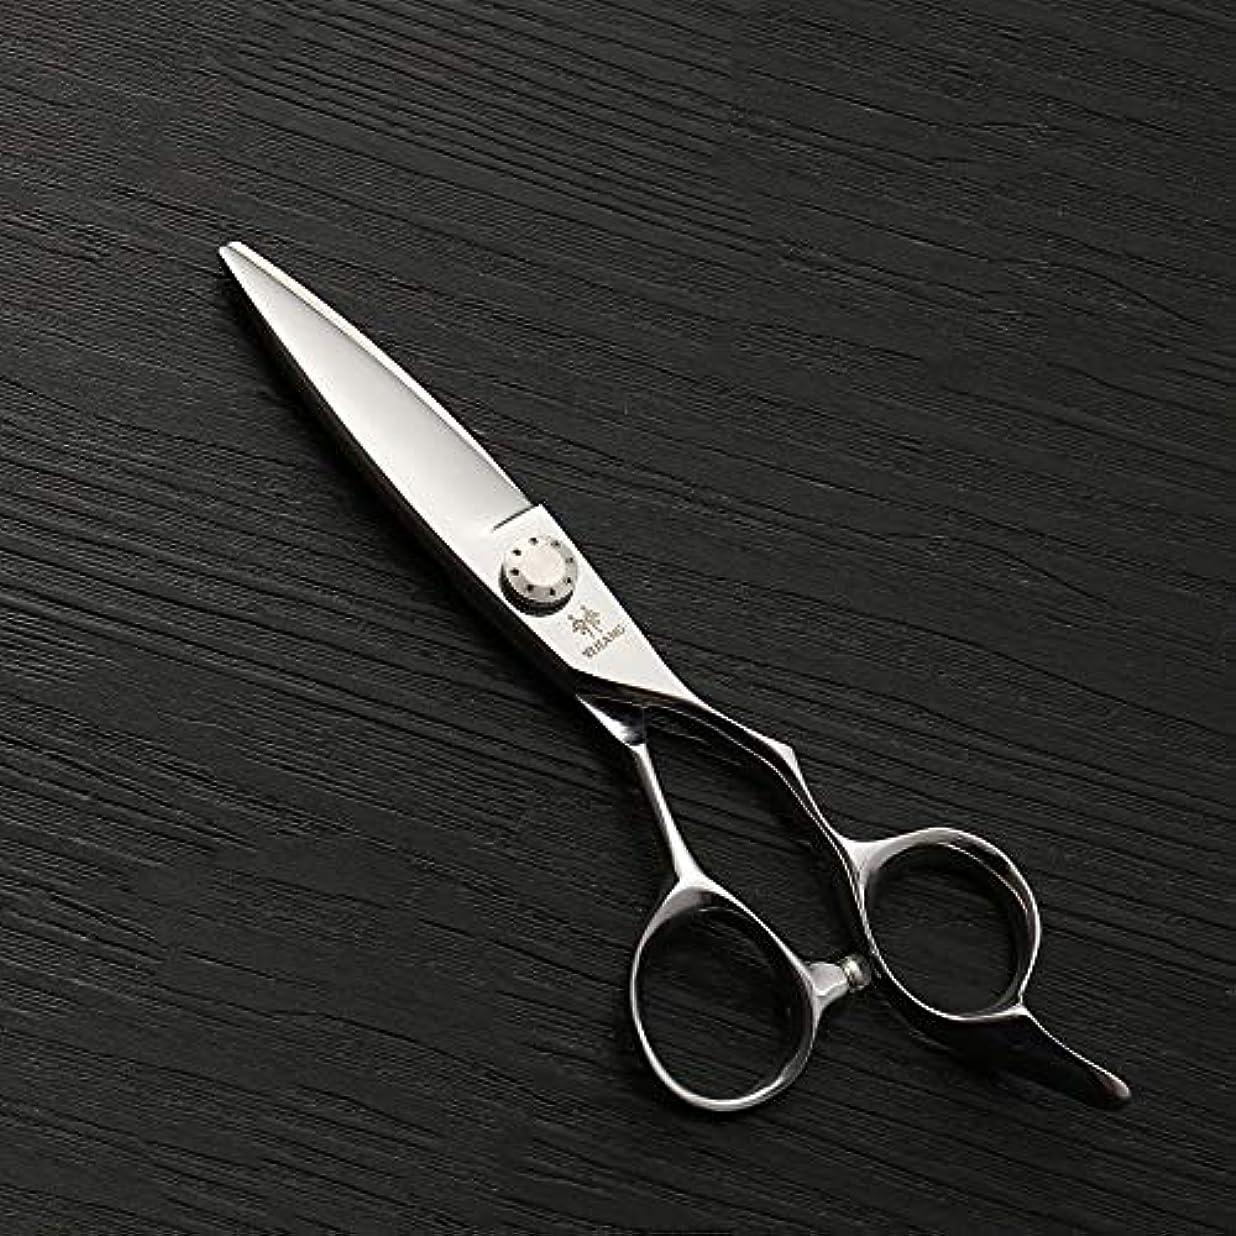 者ジーンズ思われる6インチ美容院プロフェッショナル散髪ランセットフラットせん断、440 c高品質鋼新しいトレンド散髪はさみ モデリングツール (色 : Silver)